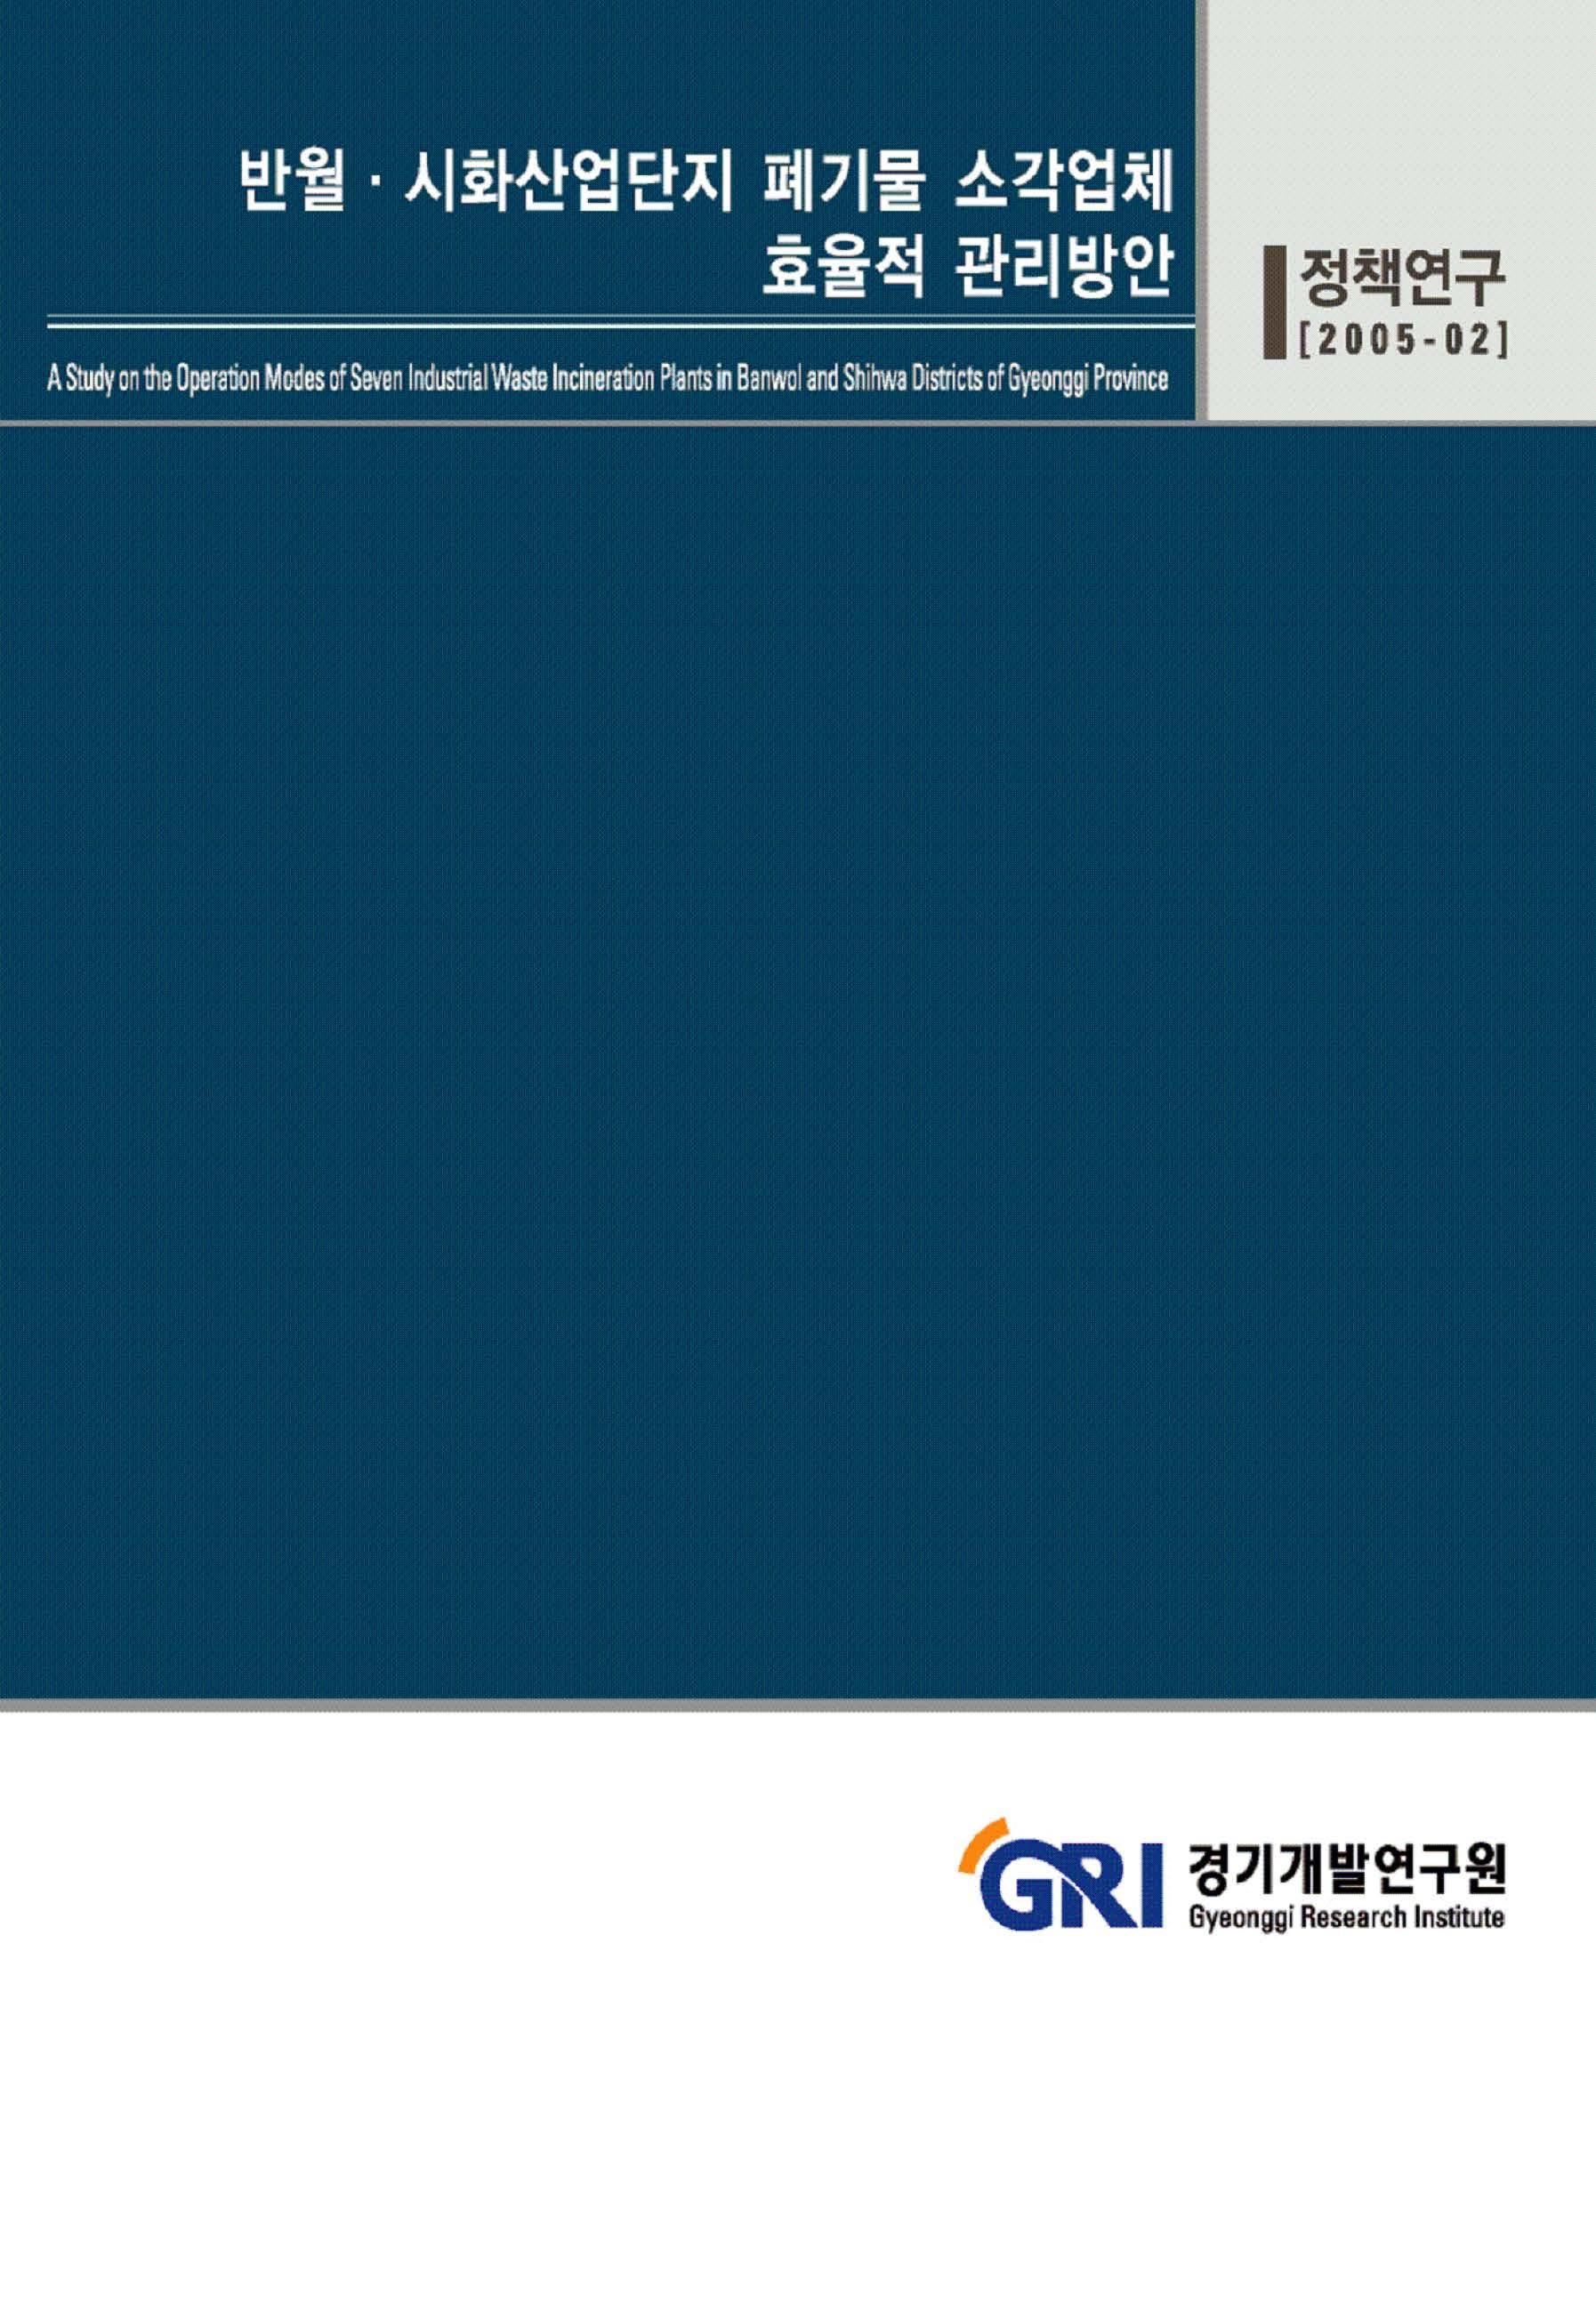 반월 시화 산업단지 폐기물소각업체 효율적 관리방안